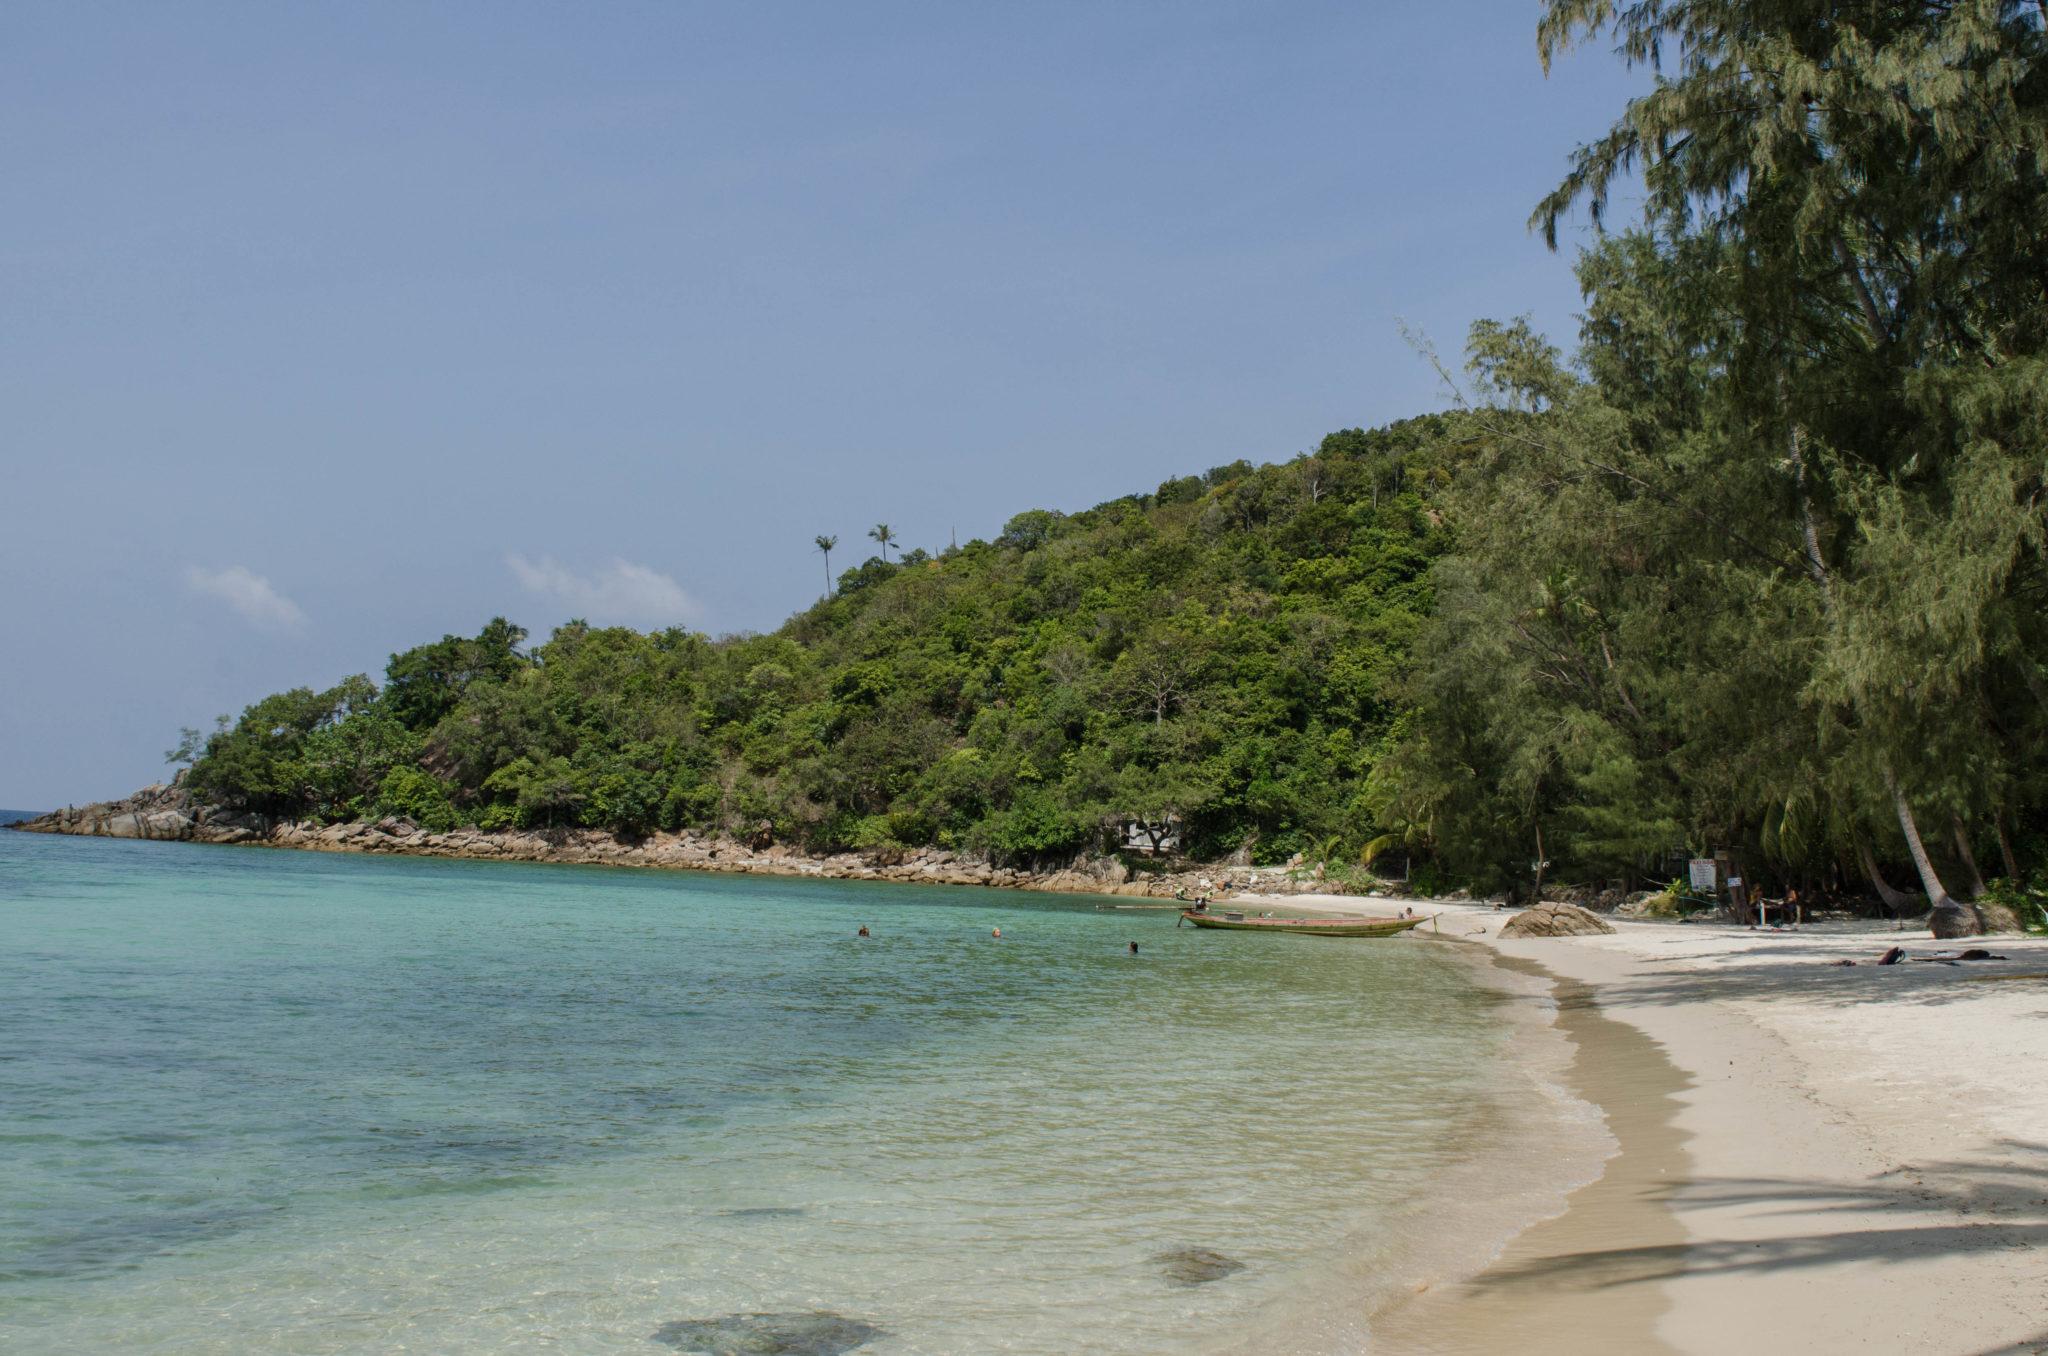 Türkisfarbenes Meer auf thailändischen Inseln